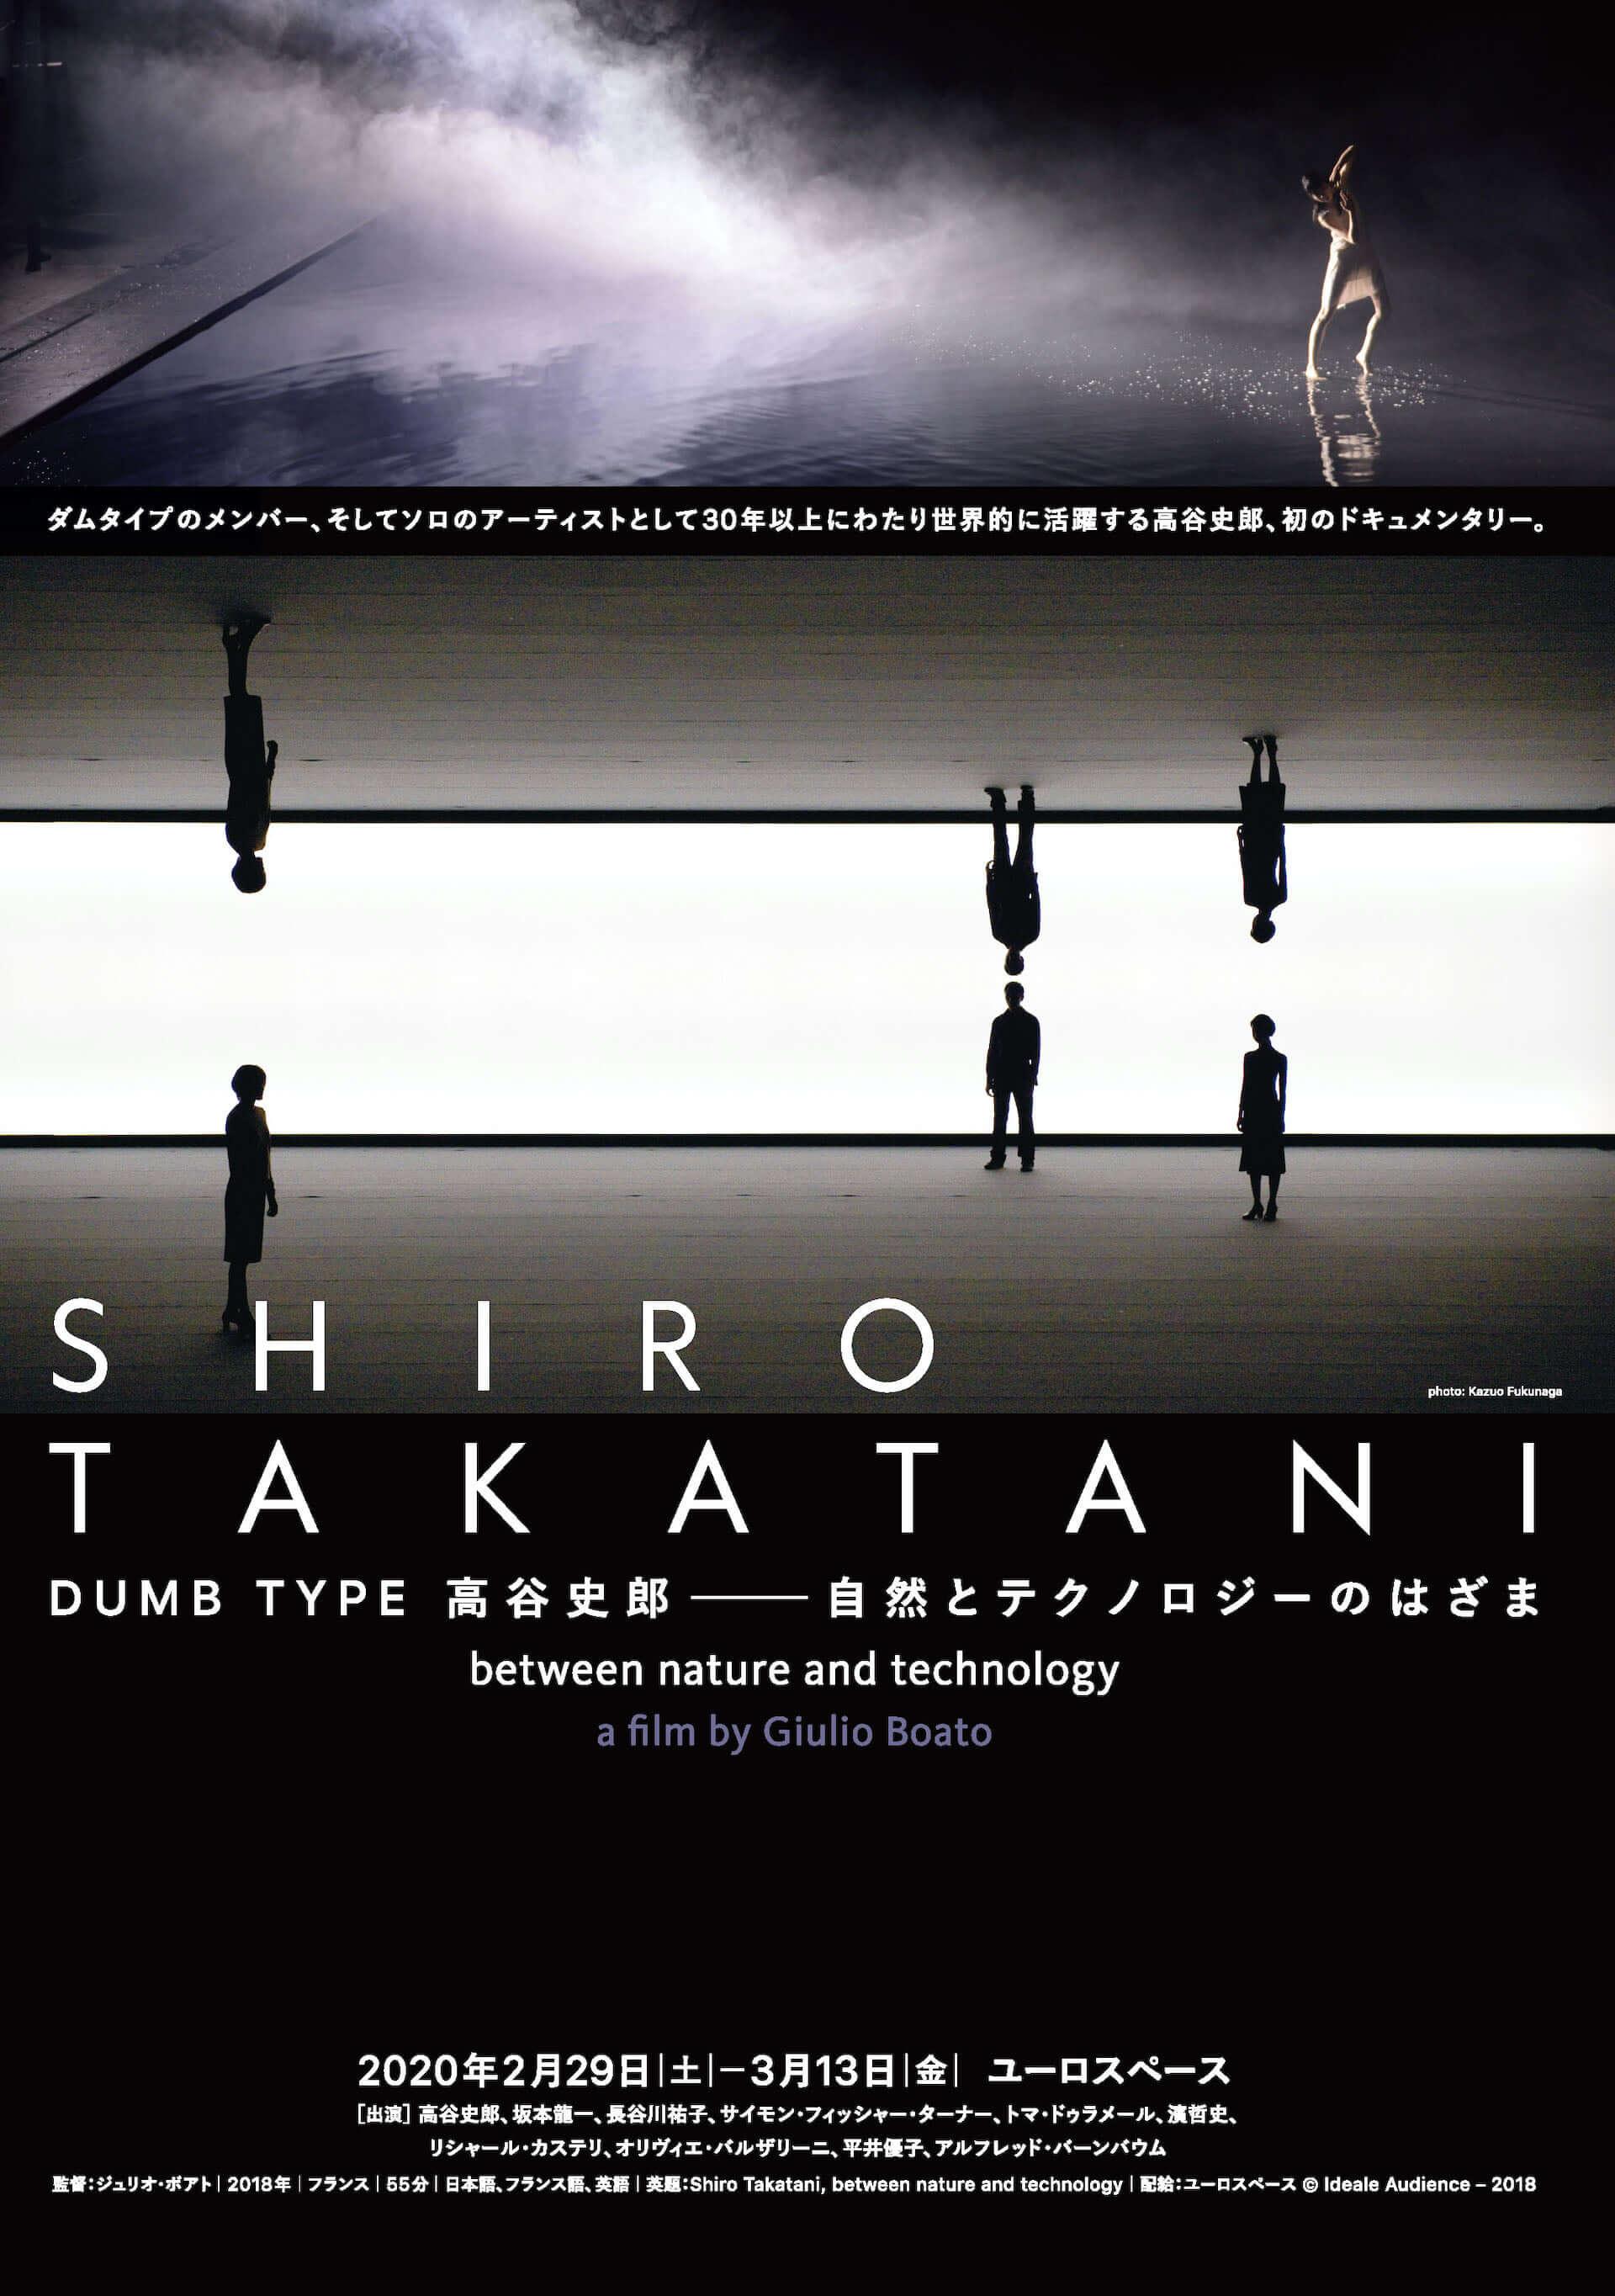 坂本龍一との共演でも知られるダムタイプのメンバー・高谷史郎の初ドキュメンタリー映画『DUMB TYPE 高谷史郎ー自然とテクノロジーのはざま』の劇場公開が決定 film200217_shirotakatani_1-1920x2729